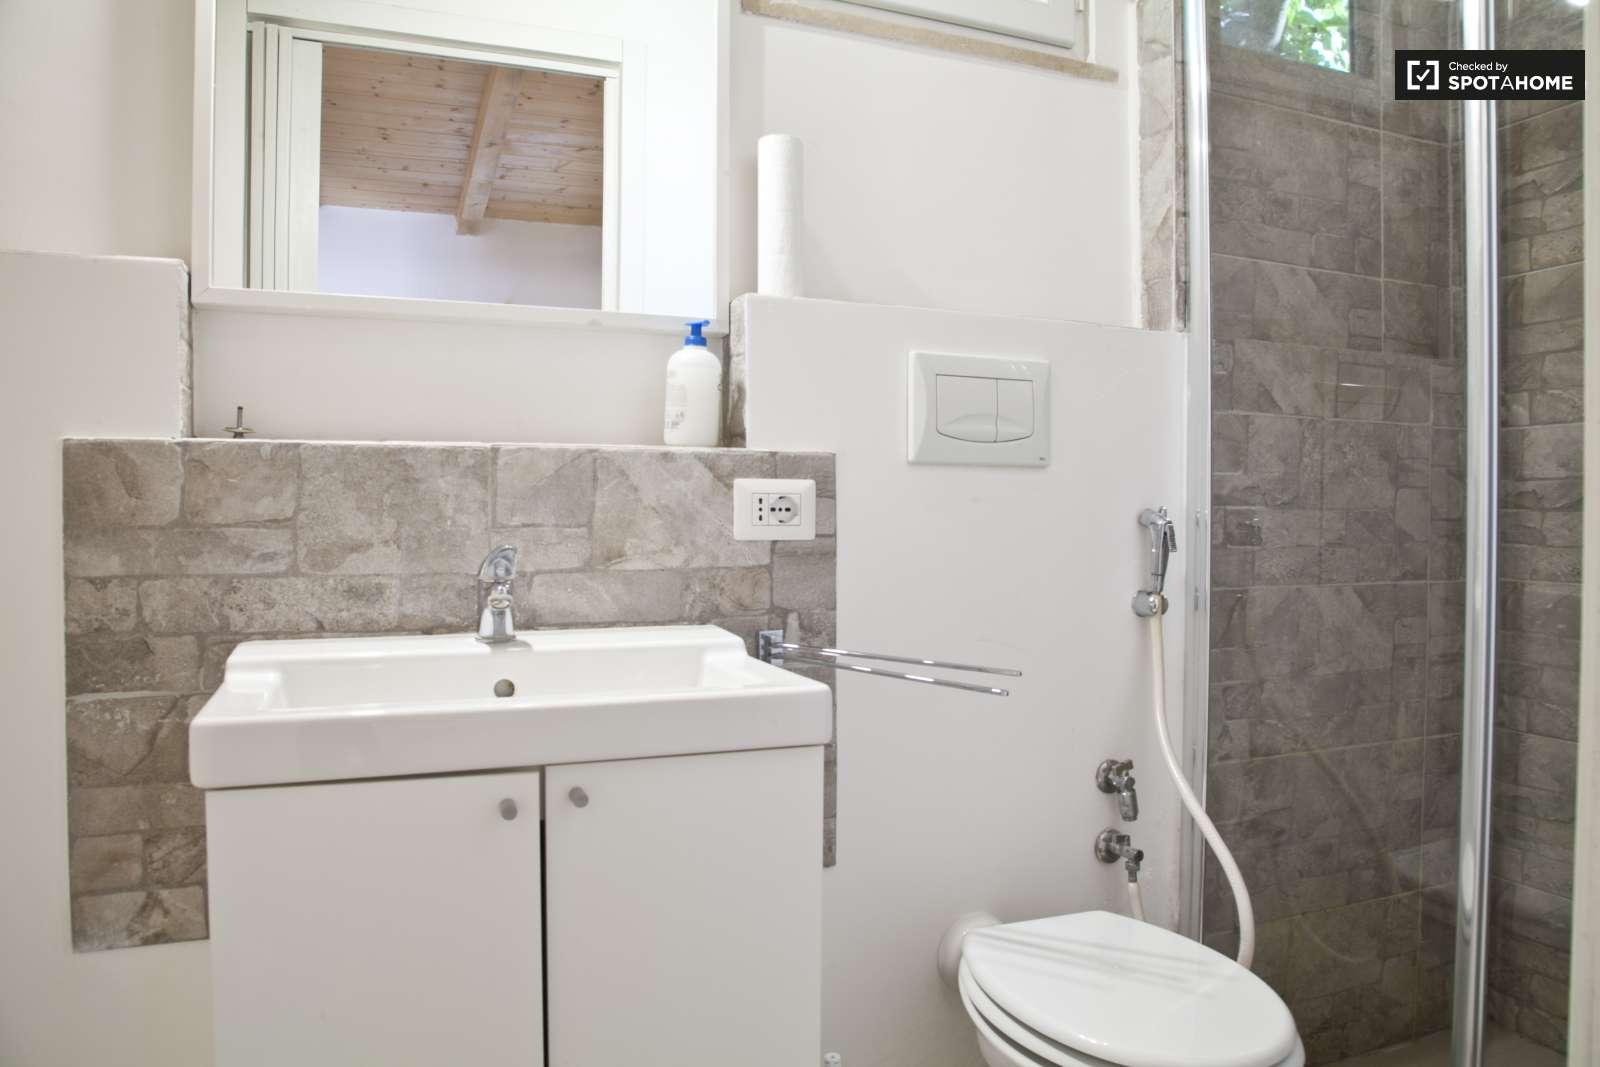 Stanza in affitto in un appartamento con 2 camere da letto for 2 camere da letto 2 piani del bagno